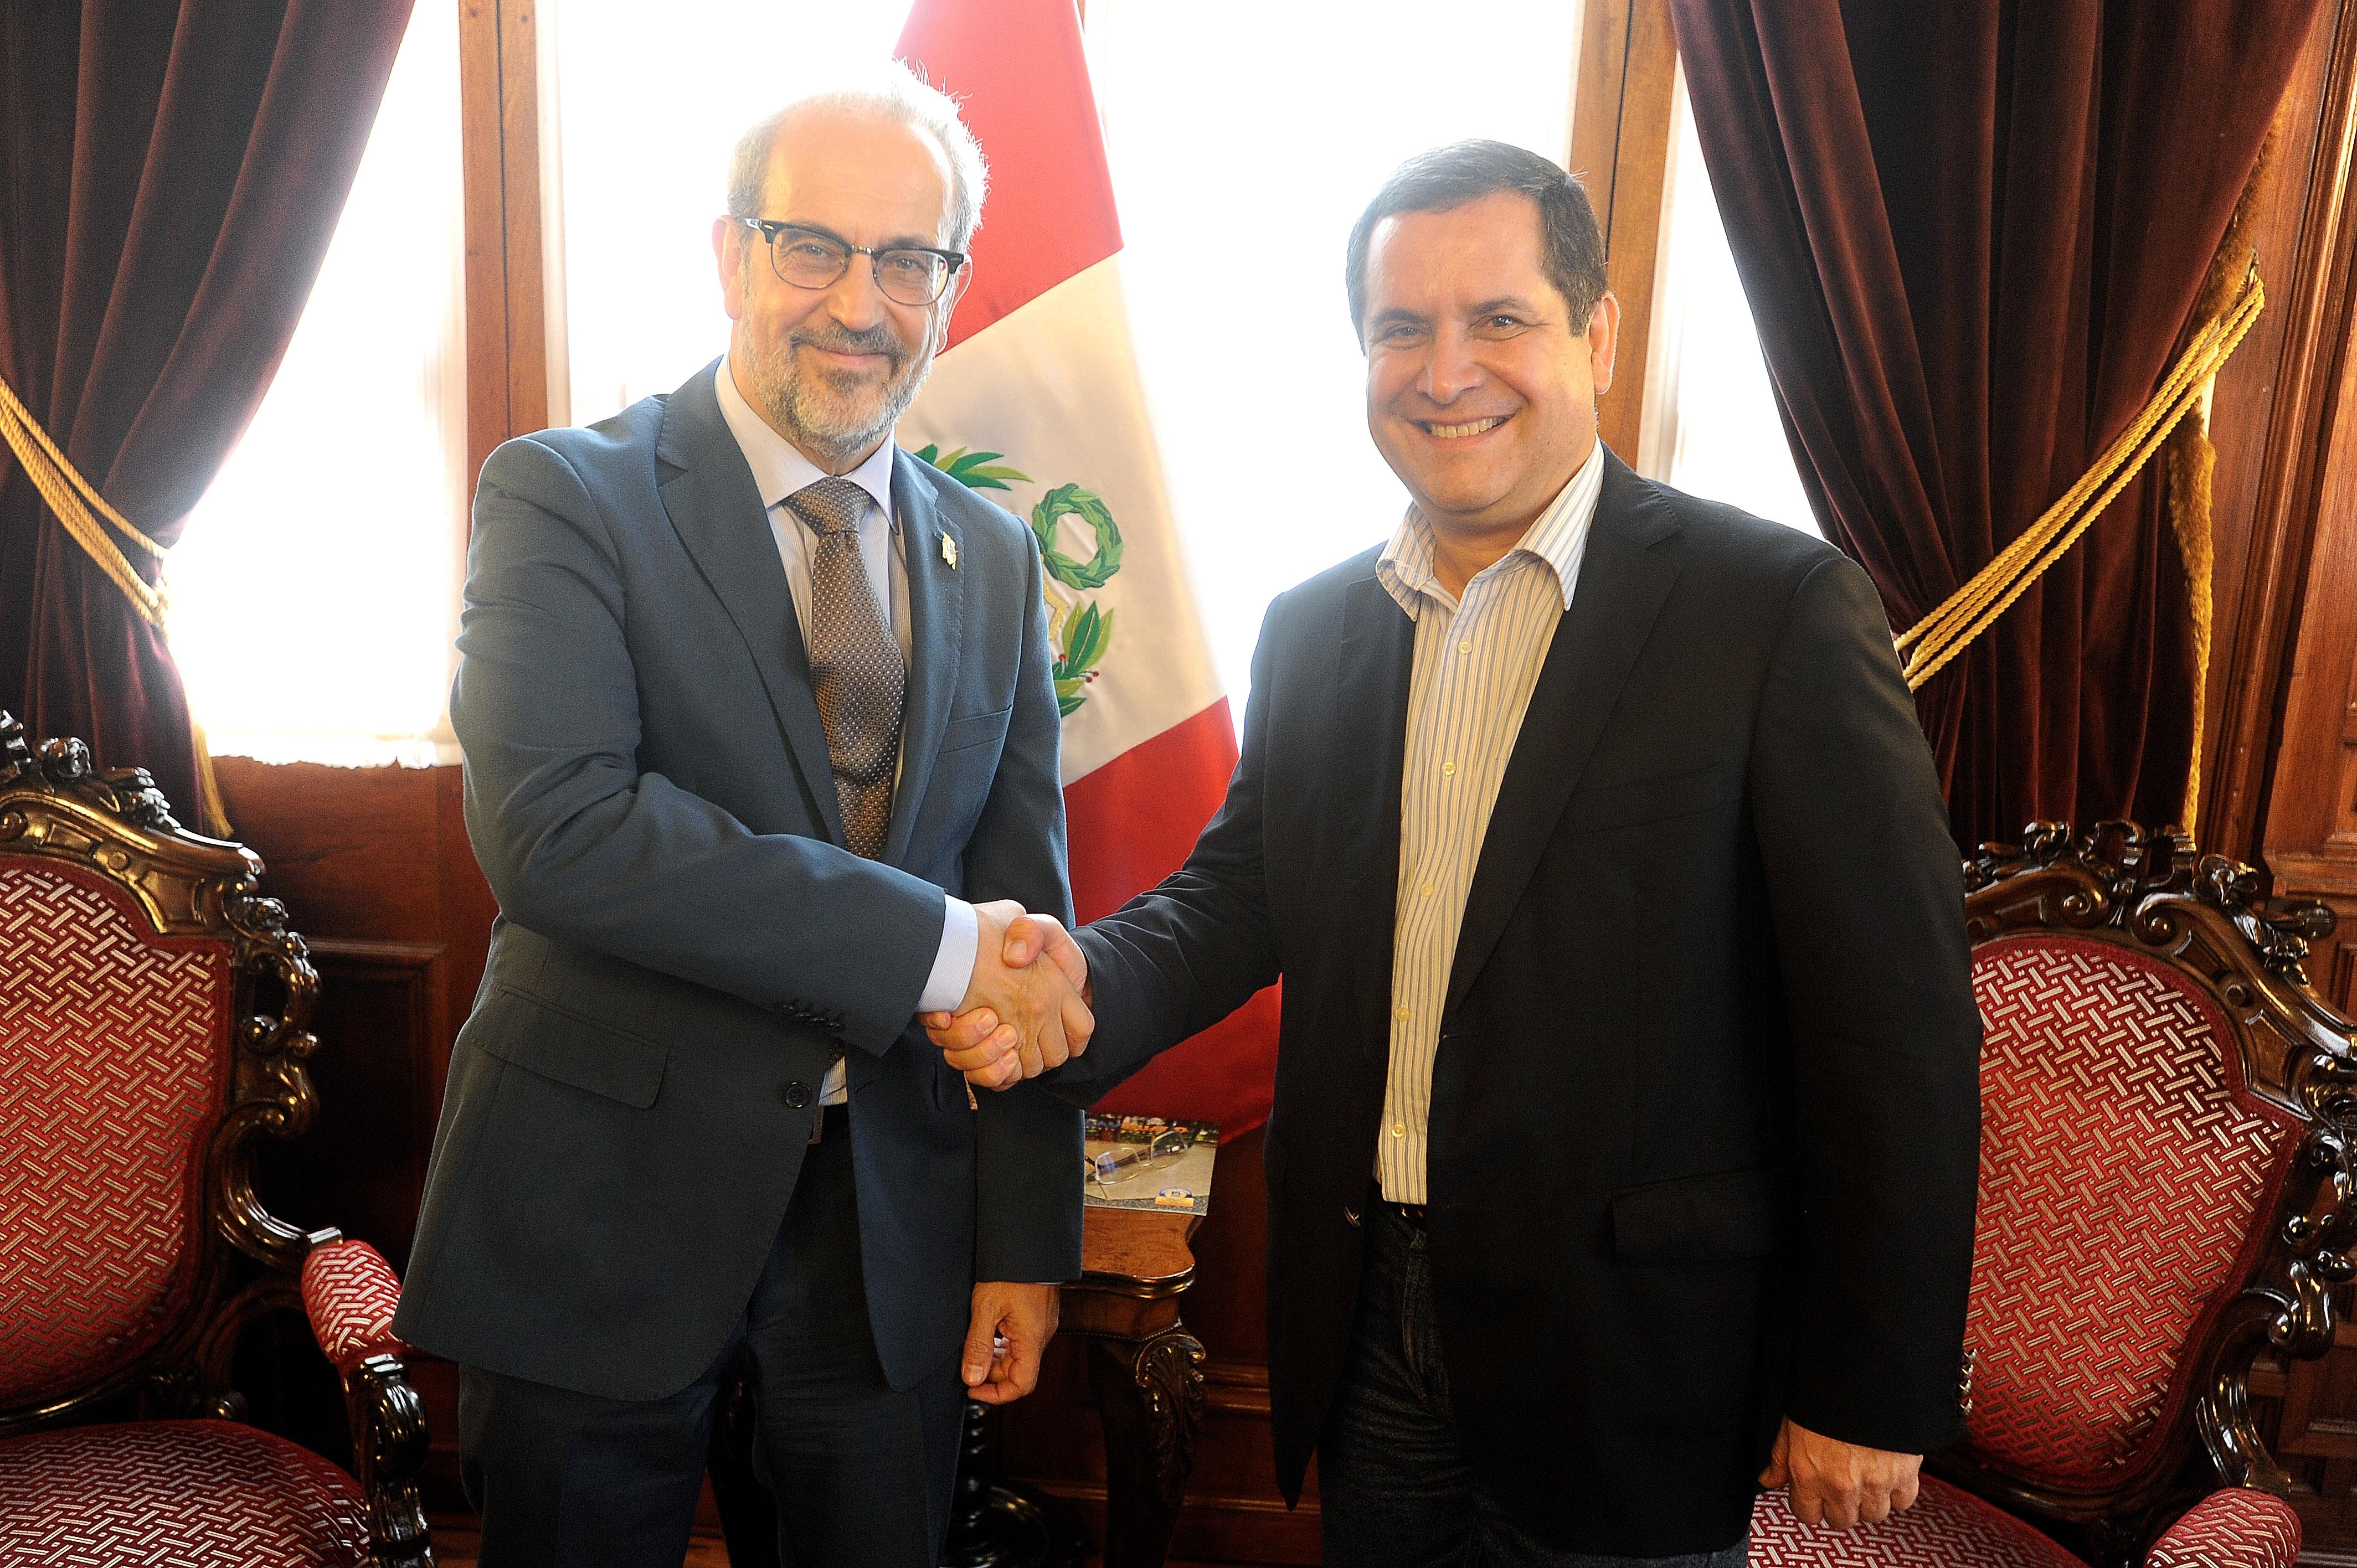 La Universidad de Salamanca presenta en Perú amplia oferta de formación 'online'